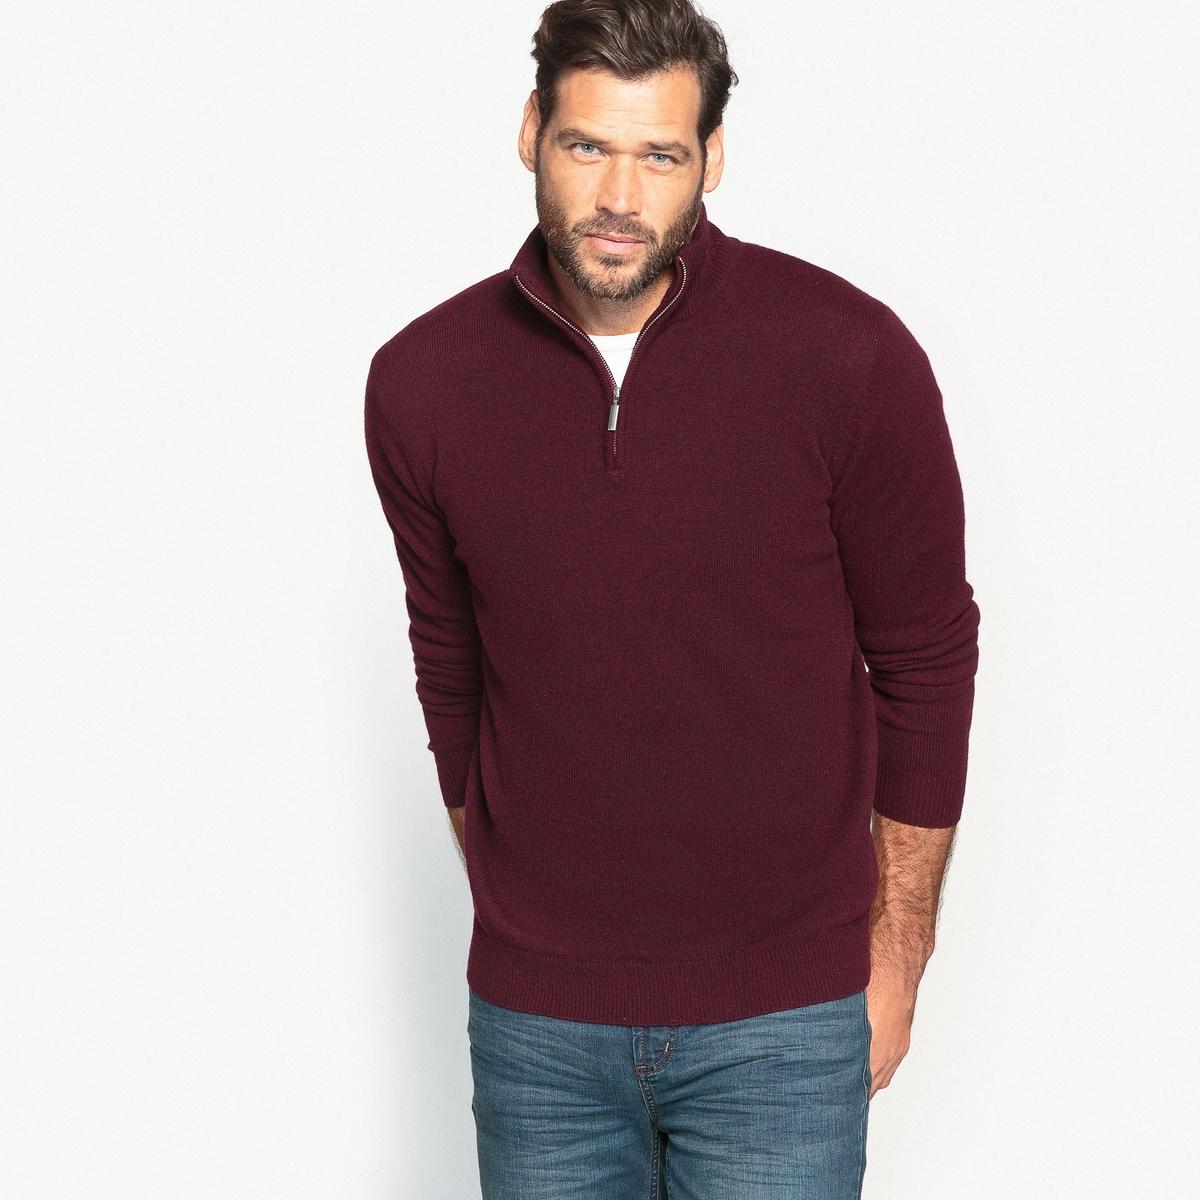 Пуловер с воротником-стойкой,  50% шерстиОписание:Пуловер с воротником-стойкой является неотъемлемым предметом мужского гардероба. Вам понравится тонкий трикотаж из 50% теплой и приятной в носке шерсти этого пуловера с воротником на молнии.Детали •  Длинные рукава •  Воротник-стойка •  Тонкий трикотаж Состав и уход •  50% шерсти, 50% полиамида •  Температура стирки 30° на деликатном режиме   •  Сухая чистка и отбеливание запрещены •  Сушить на горизонтальной поверхности • Средняя температура глажки. Товар из коллекции больших размеров •  Воротник-стойка на молнии.<br><br>Цвет: темно-красный меланж,темно-синий меланж<br>Размер: 66/68.62/64.62/64.70/72.78/80